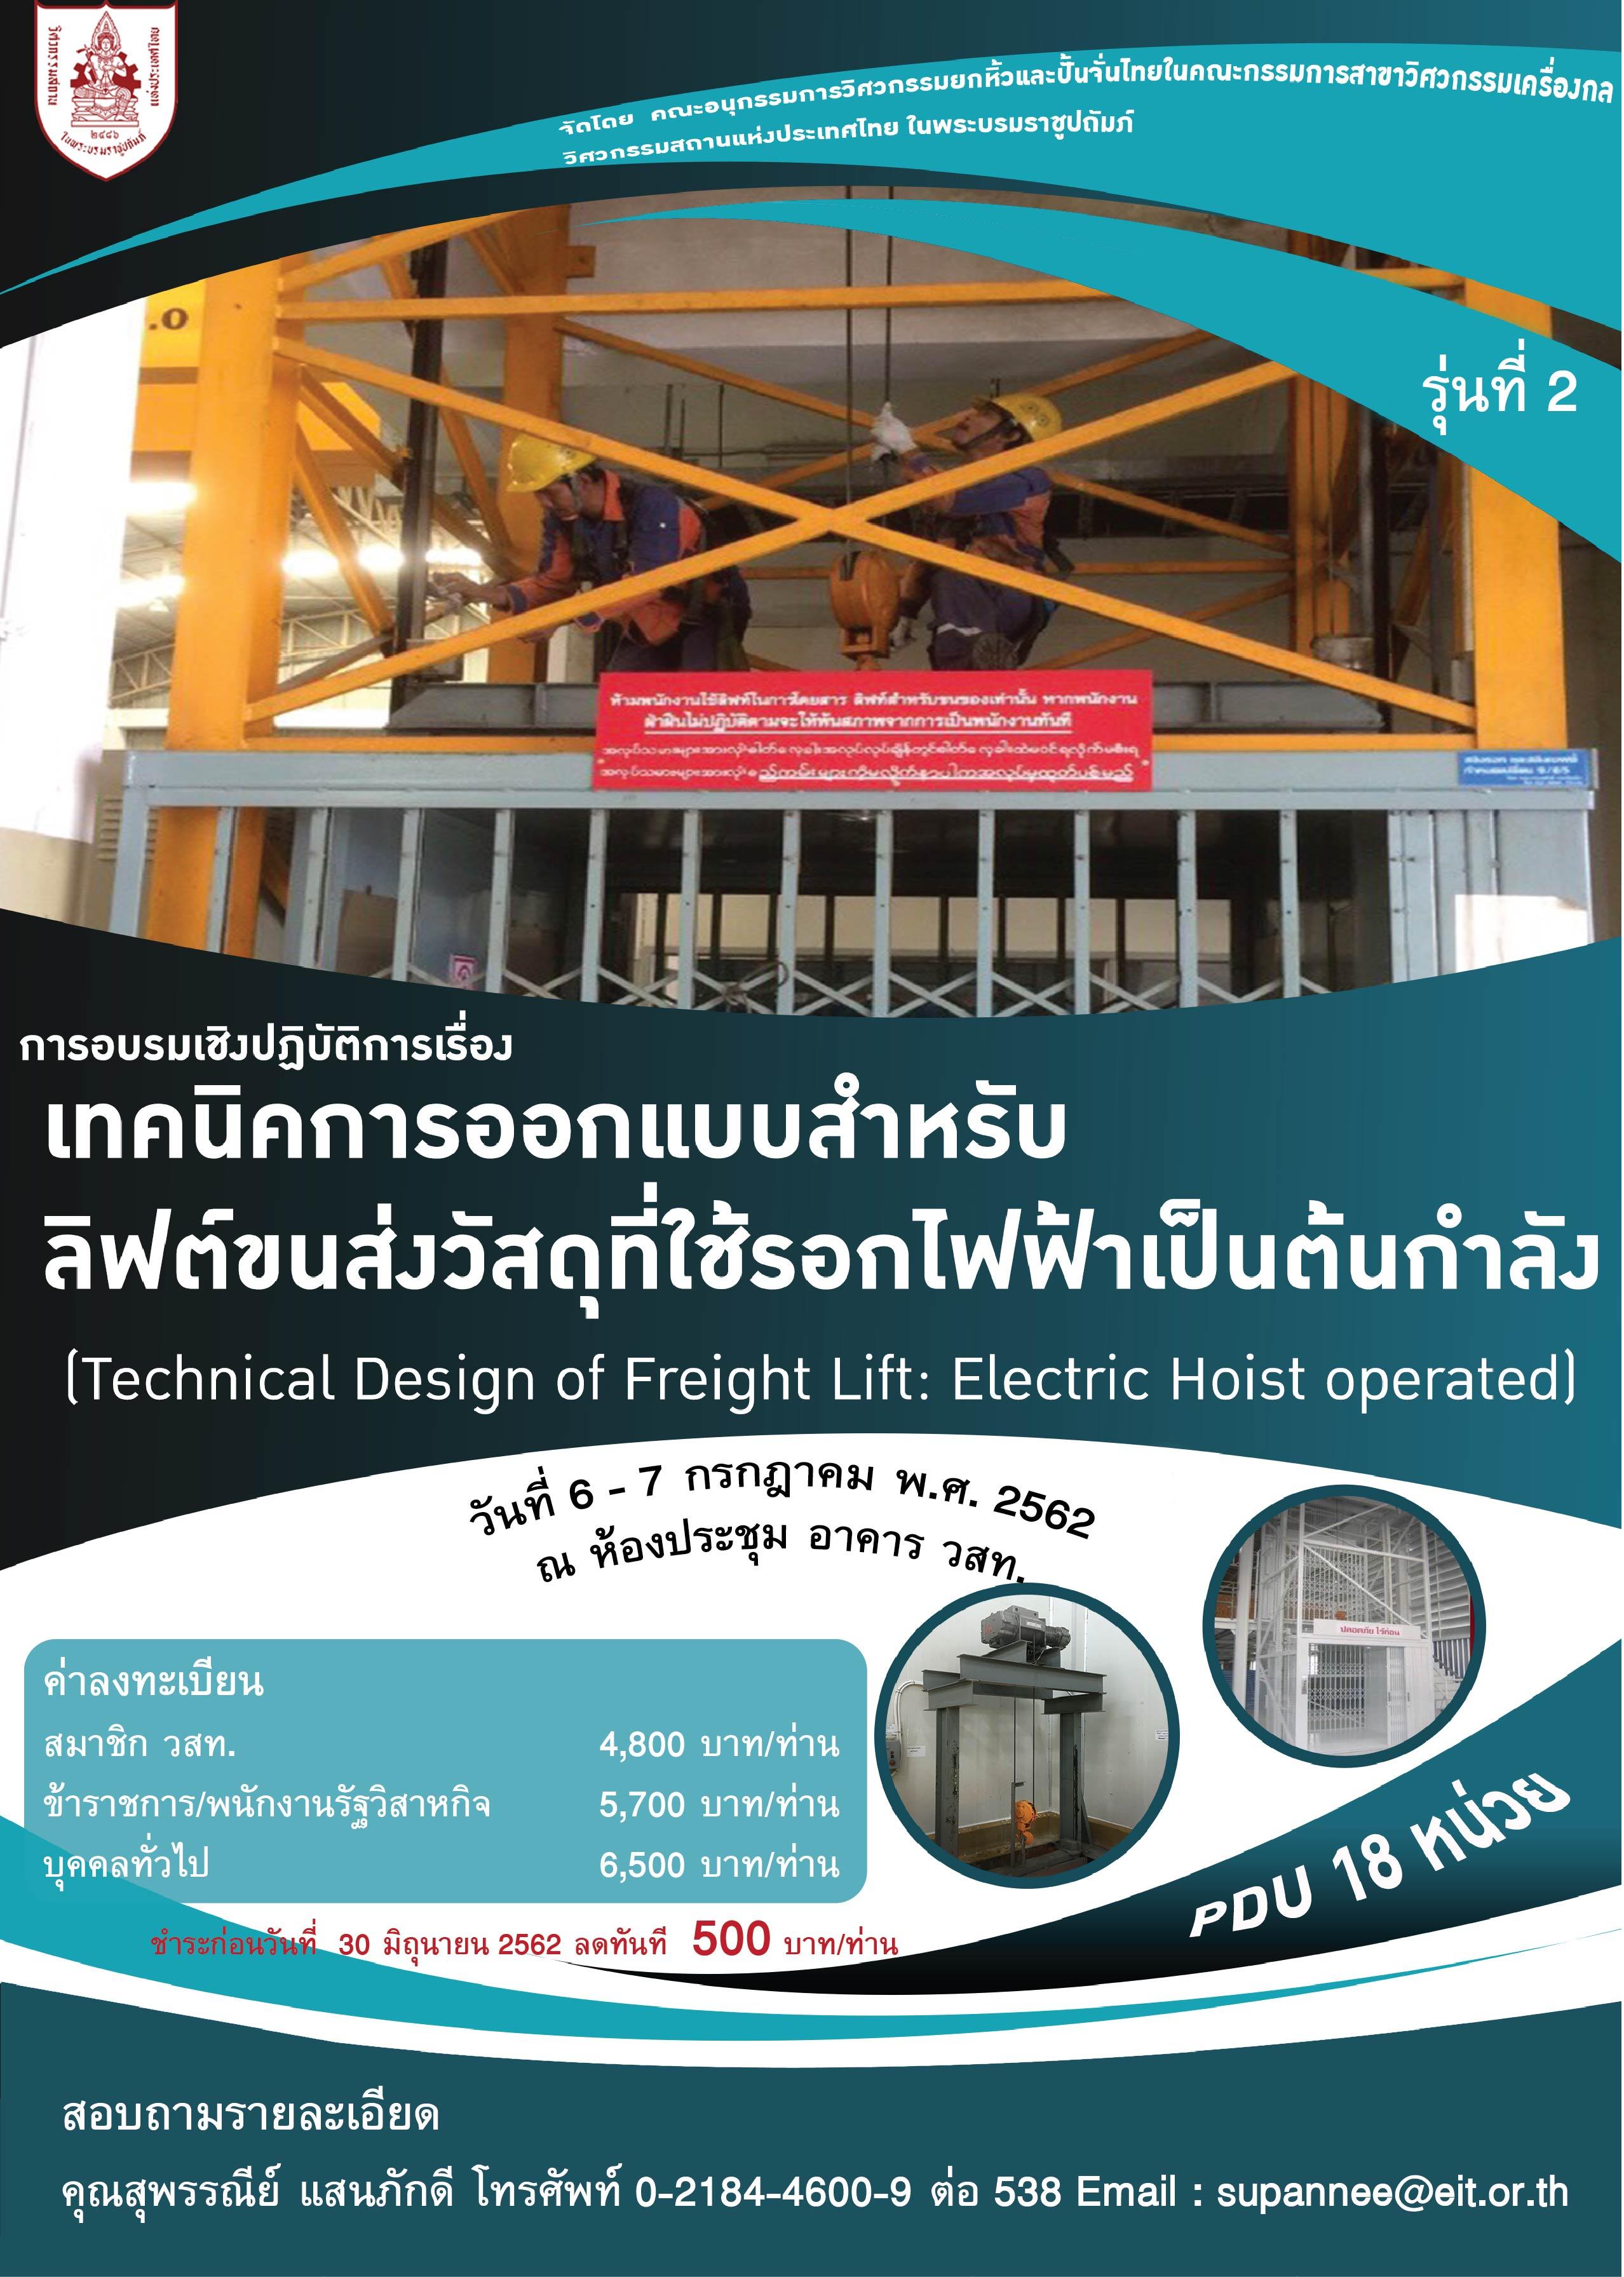 6-7/07/2562 การอบรมเชิงปฏิบัติการเรื่อง เทคนิคการออกแบบสำหรับลิฟต์ขนส่งวัสดุที่ใช้รอกไฟฟ้าเป็นต้นกำลัง (Technical Design of Freight Lift: Electric Hoist operated) รุ่นที่ 2